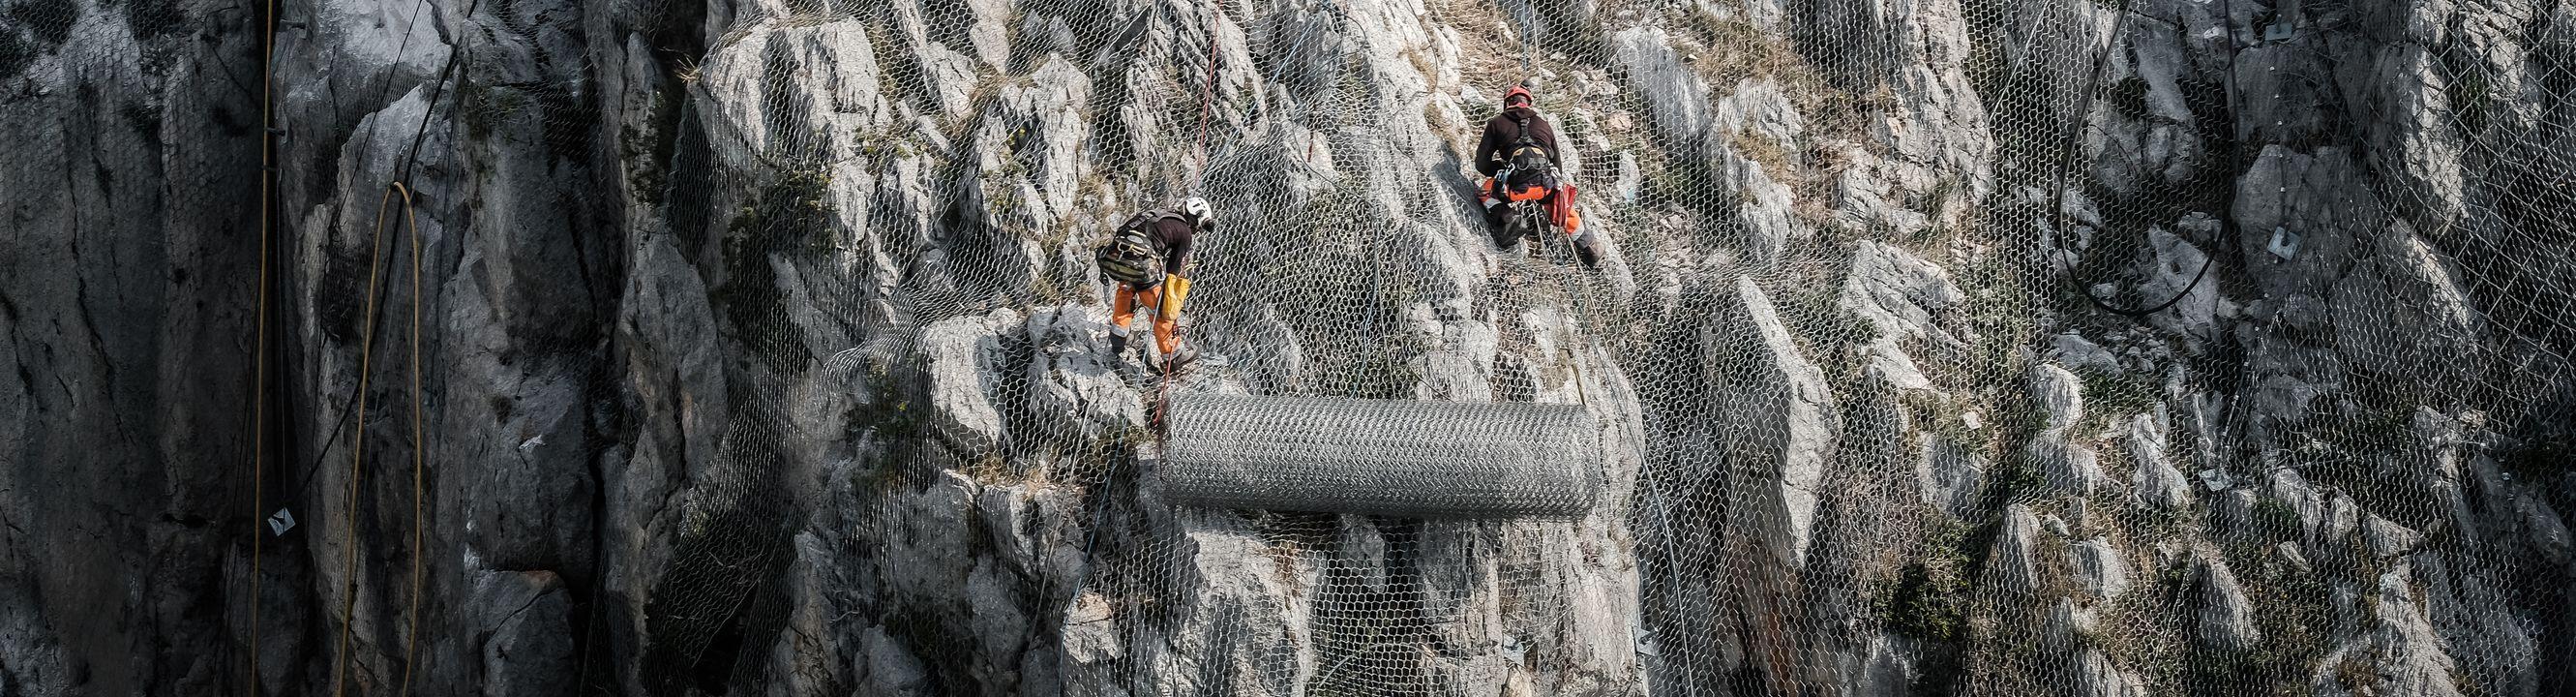 technicien cordiste tp 25 doubs mouthier haute pierre pose de grillage plaqué acrobtp interim mission débutant